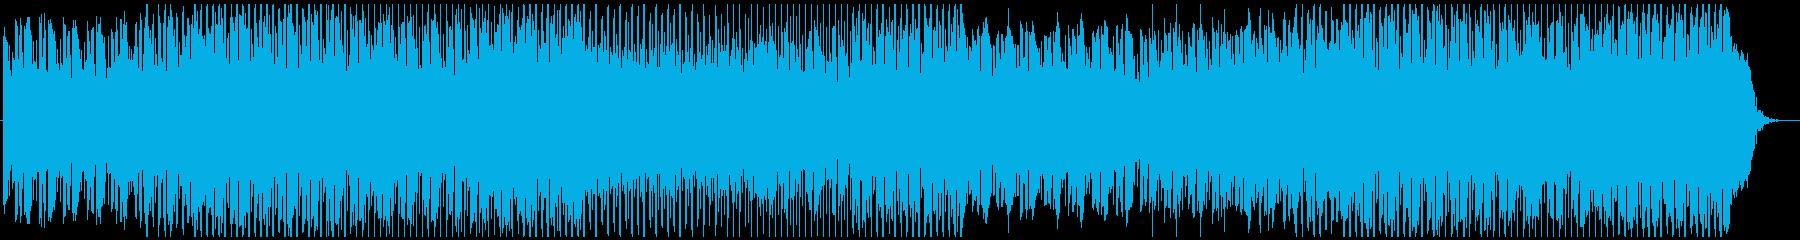 ポップ テクノ 移動 電気ピアノ ...の再生済みの波形